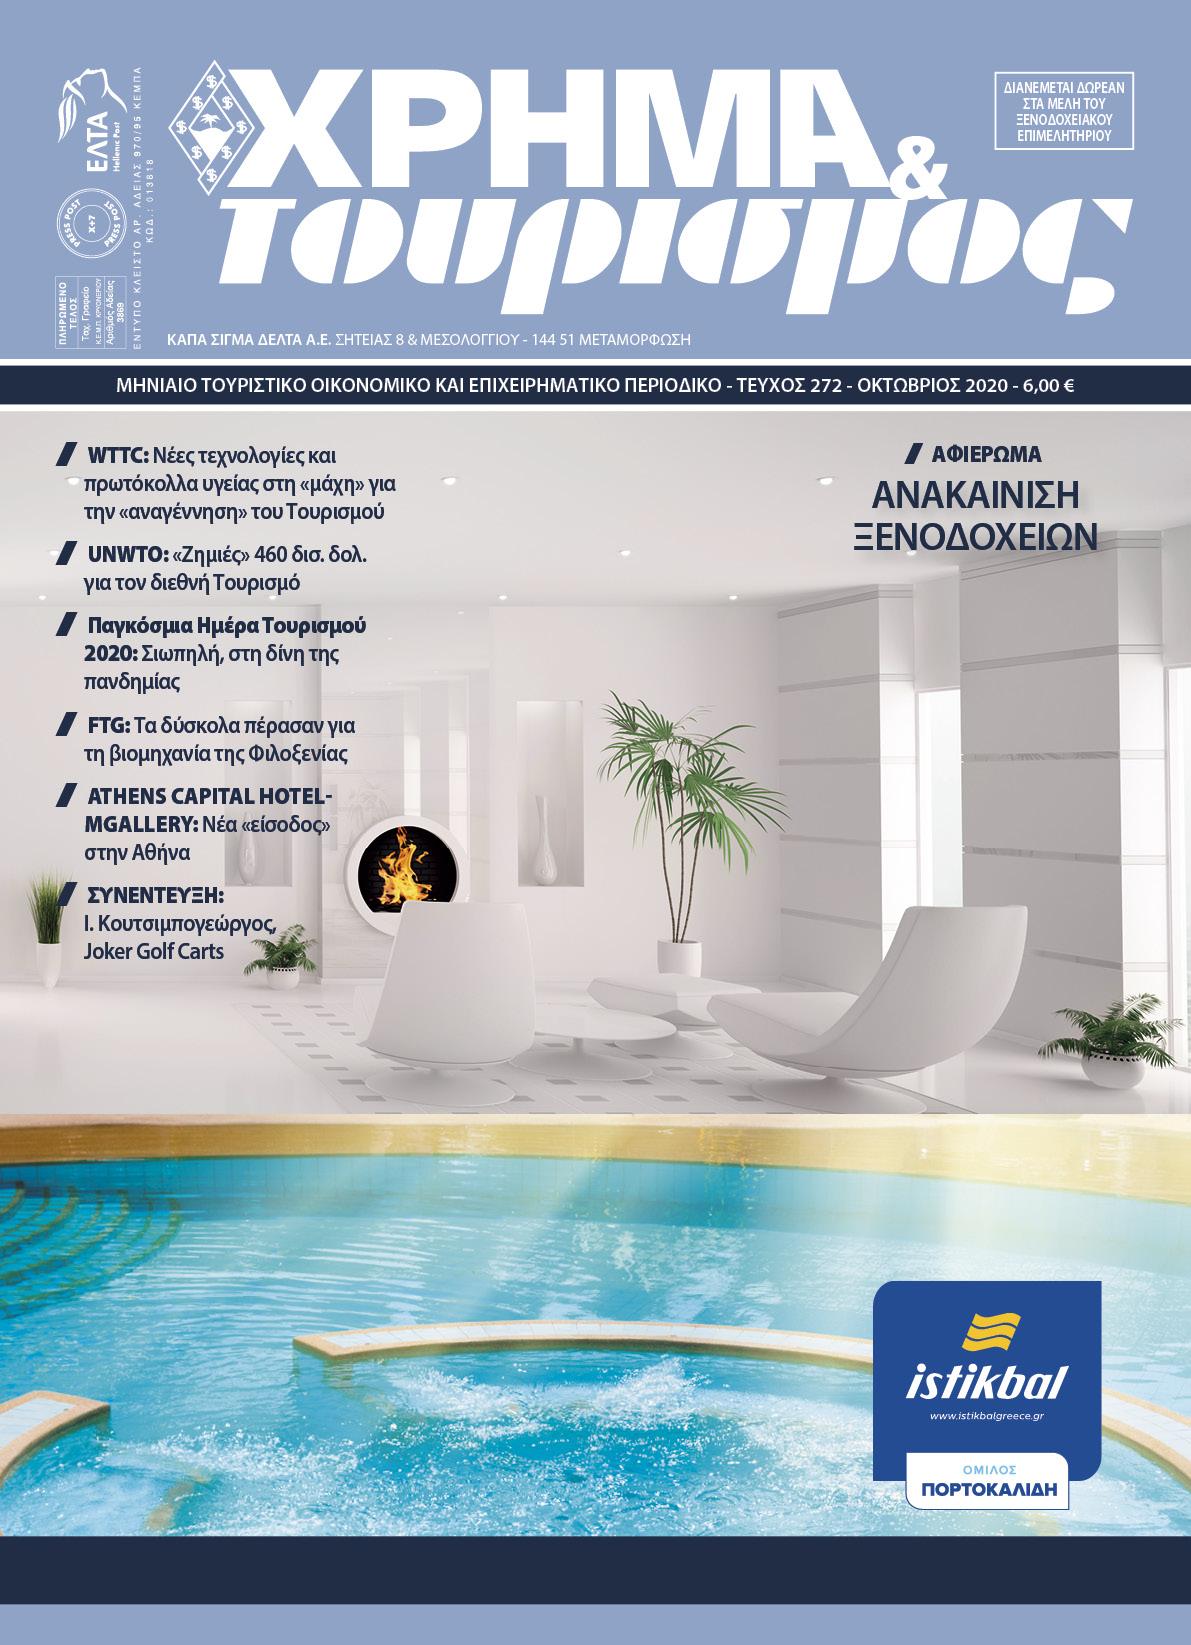 xrhma & tourismos october 2020 Ανακαίνιση